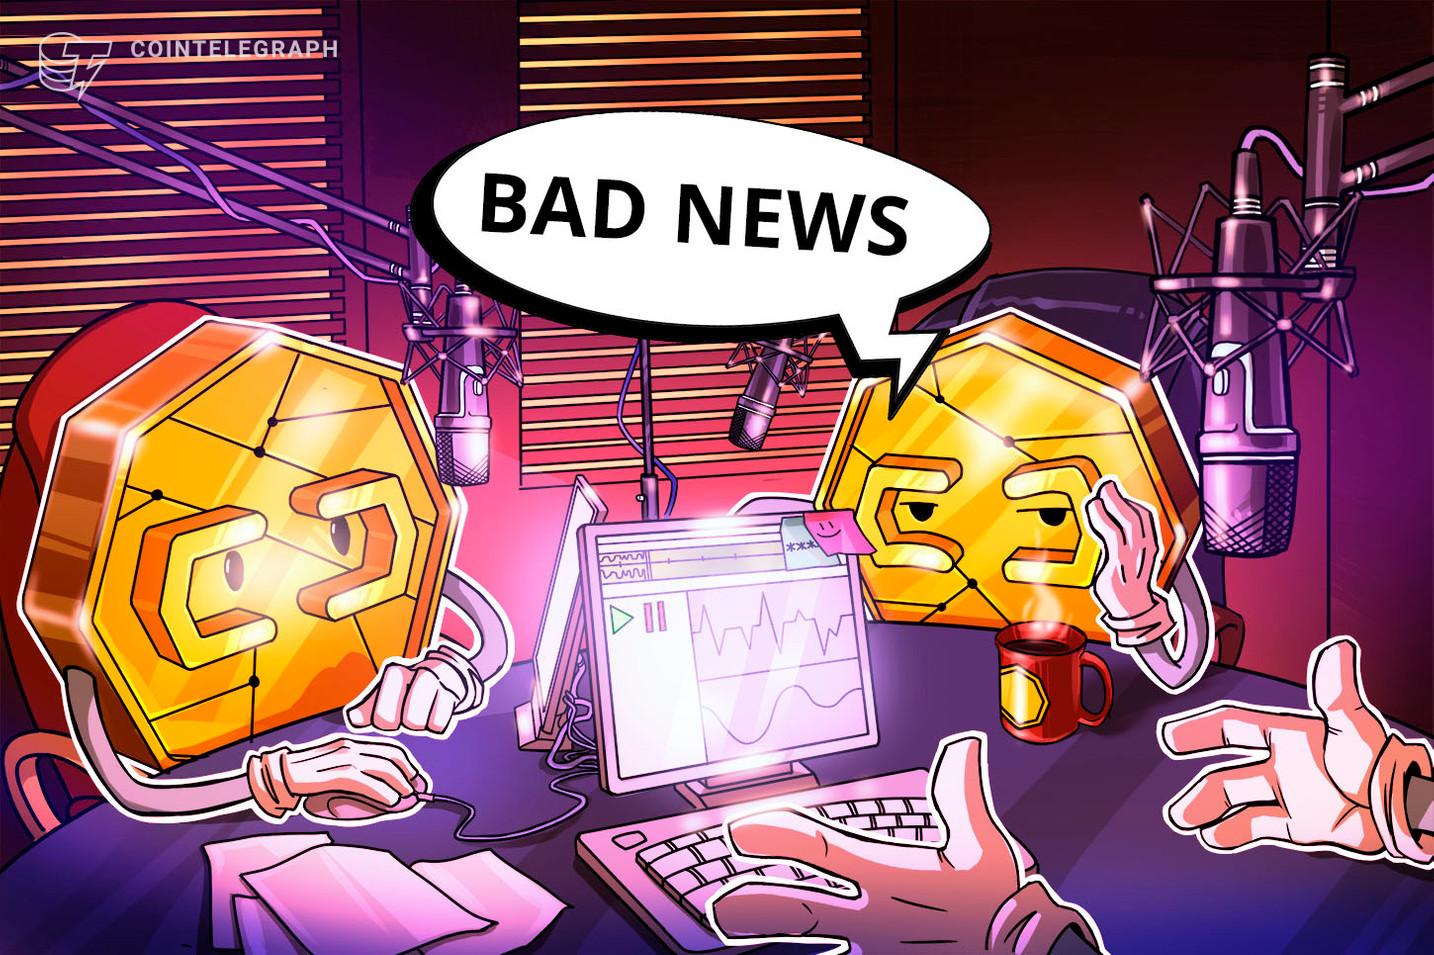 Censura china, caída de precios, minería ilegal y más en las malas noticias sobre criptomonedas de la semana